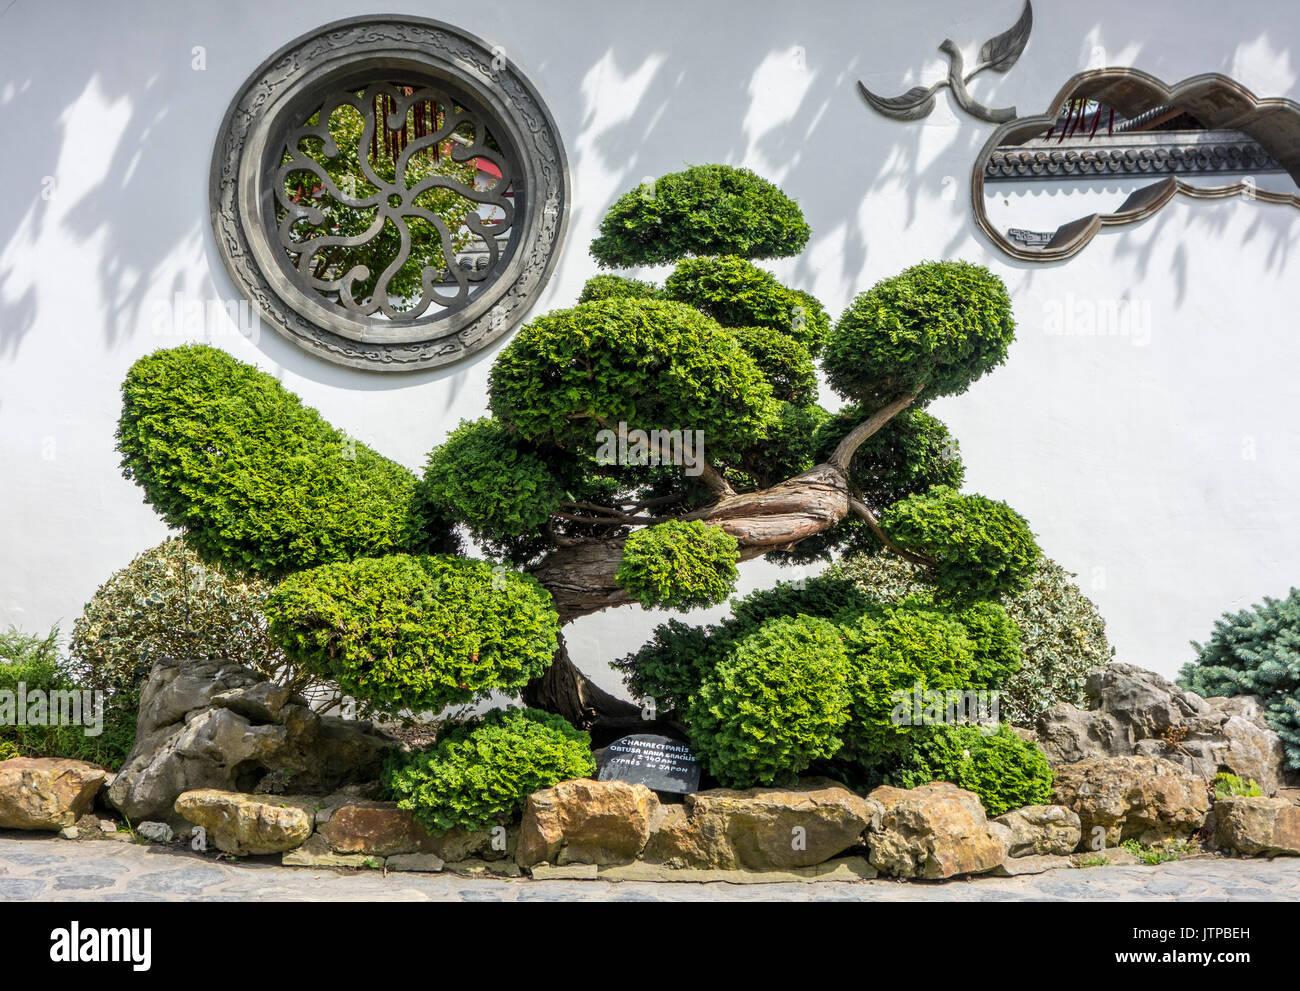 140-year-old-hinoki-cypress-hinoki-false-cypress-dwarf-hinoki-cypress-JTPBEH.jpg